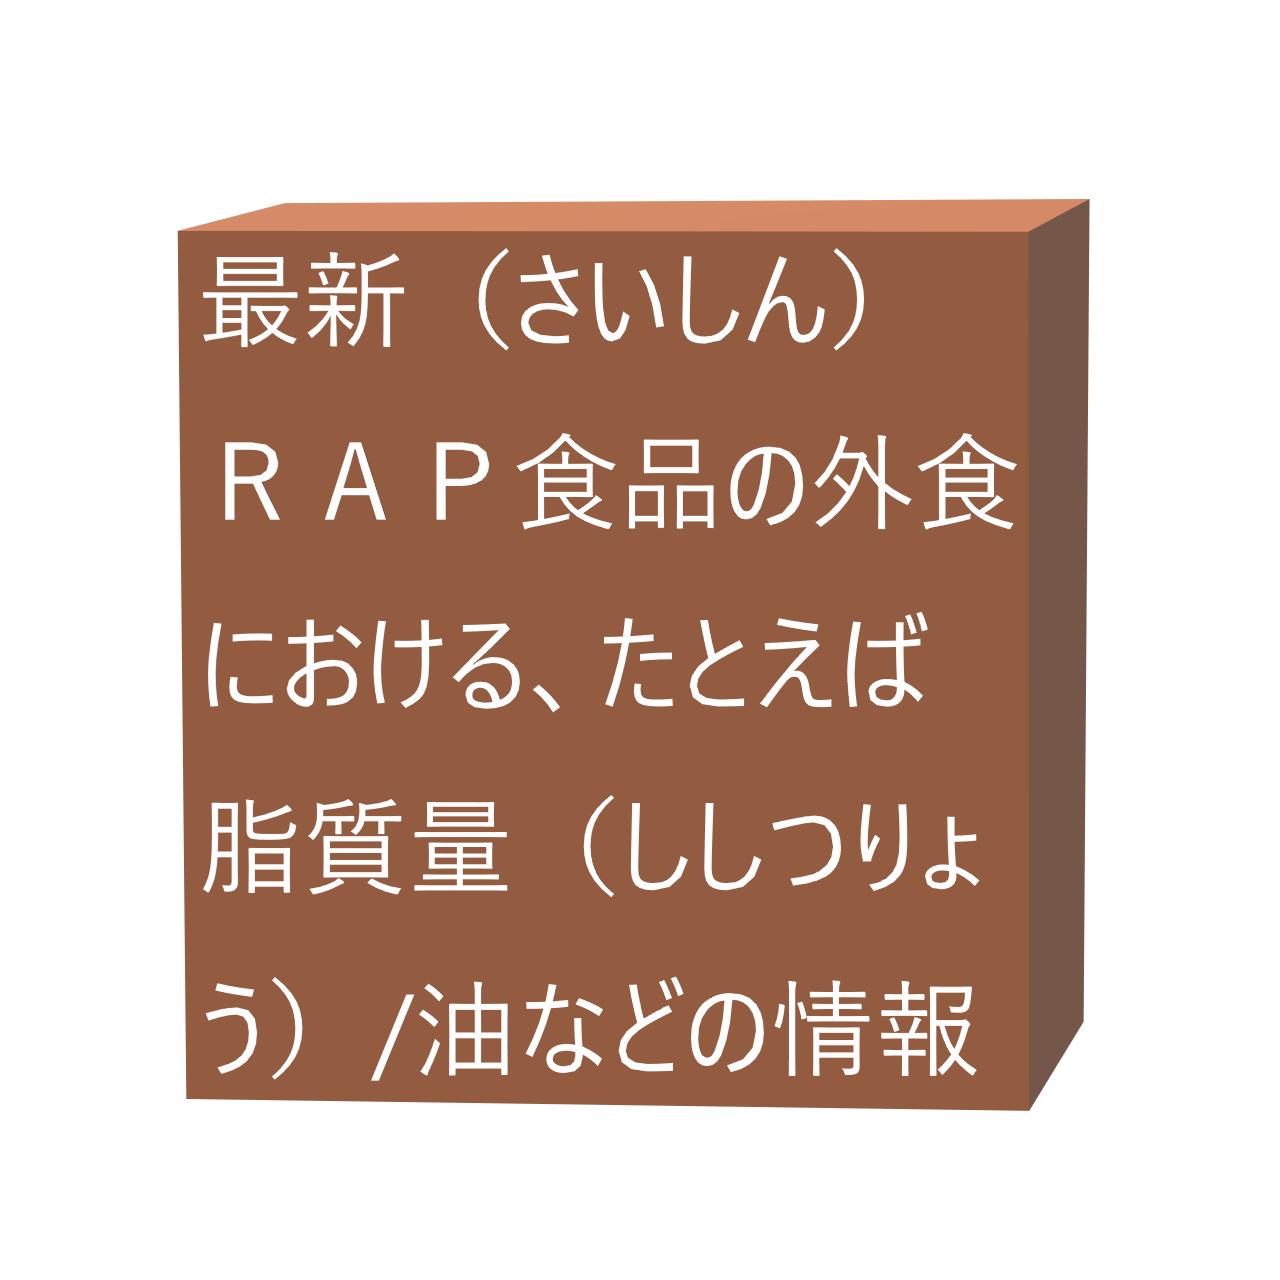 最新RAP食品の外食における脂質量(ししつりょう)、油等にかかる画像(がぞう)